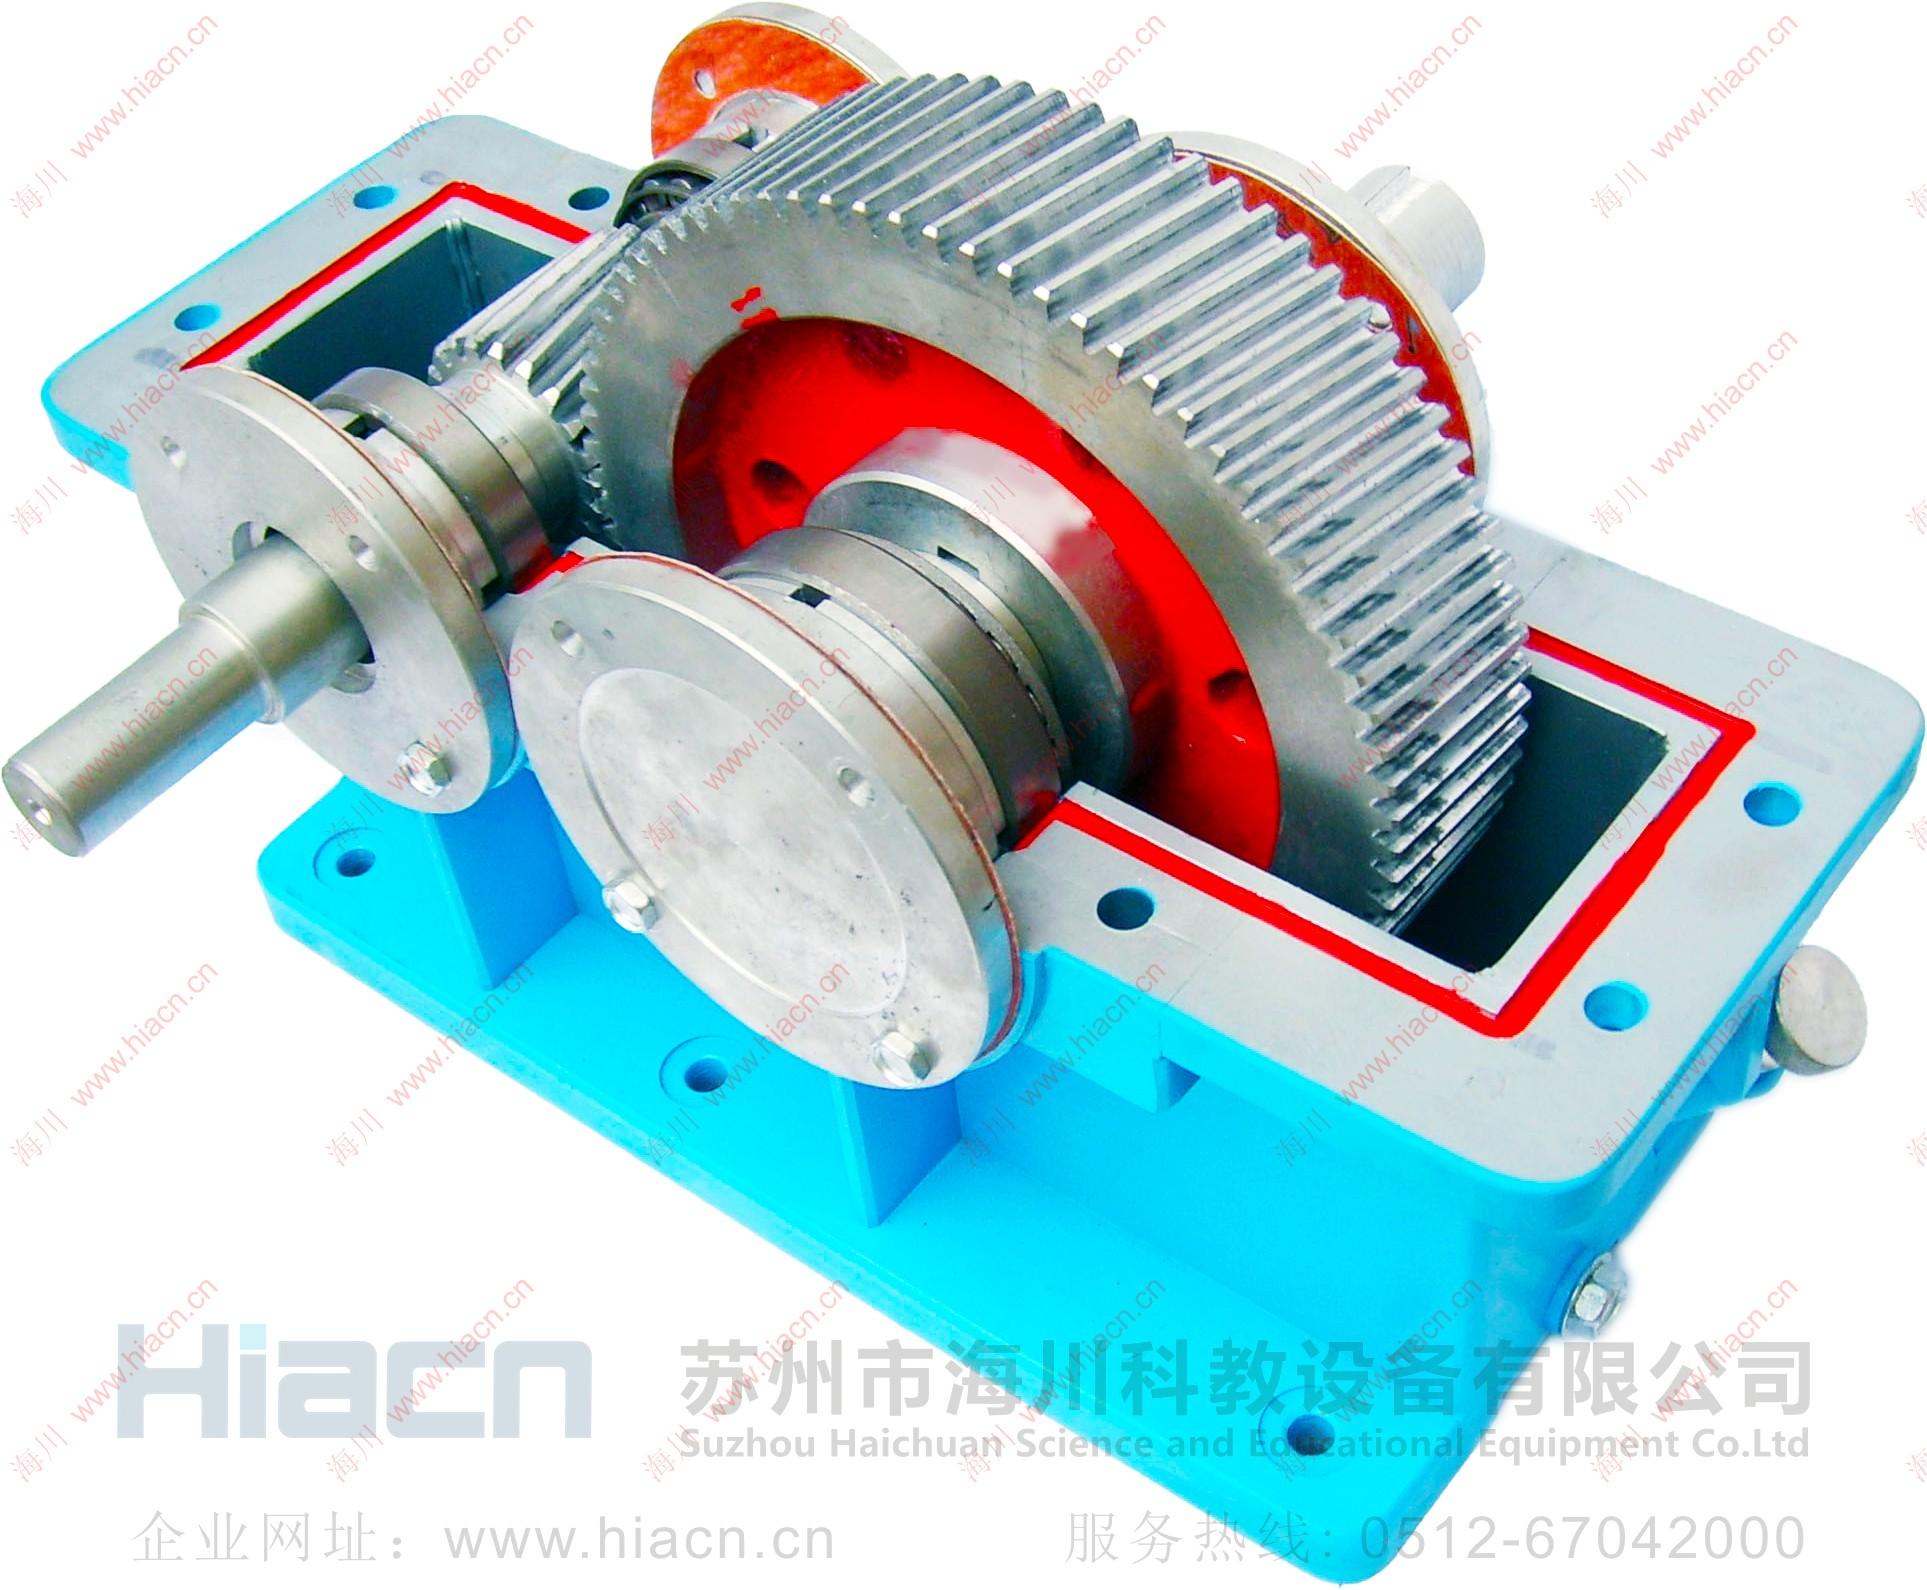 大型拆装减速器模型产品图片